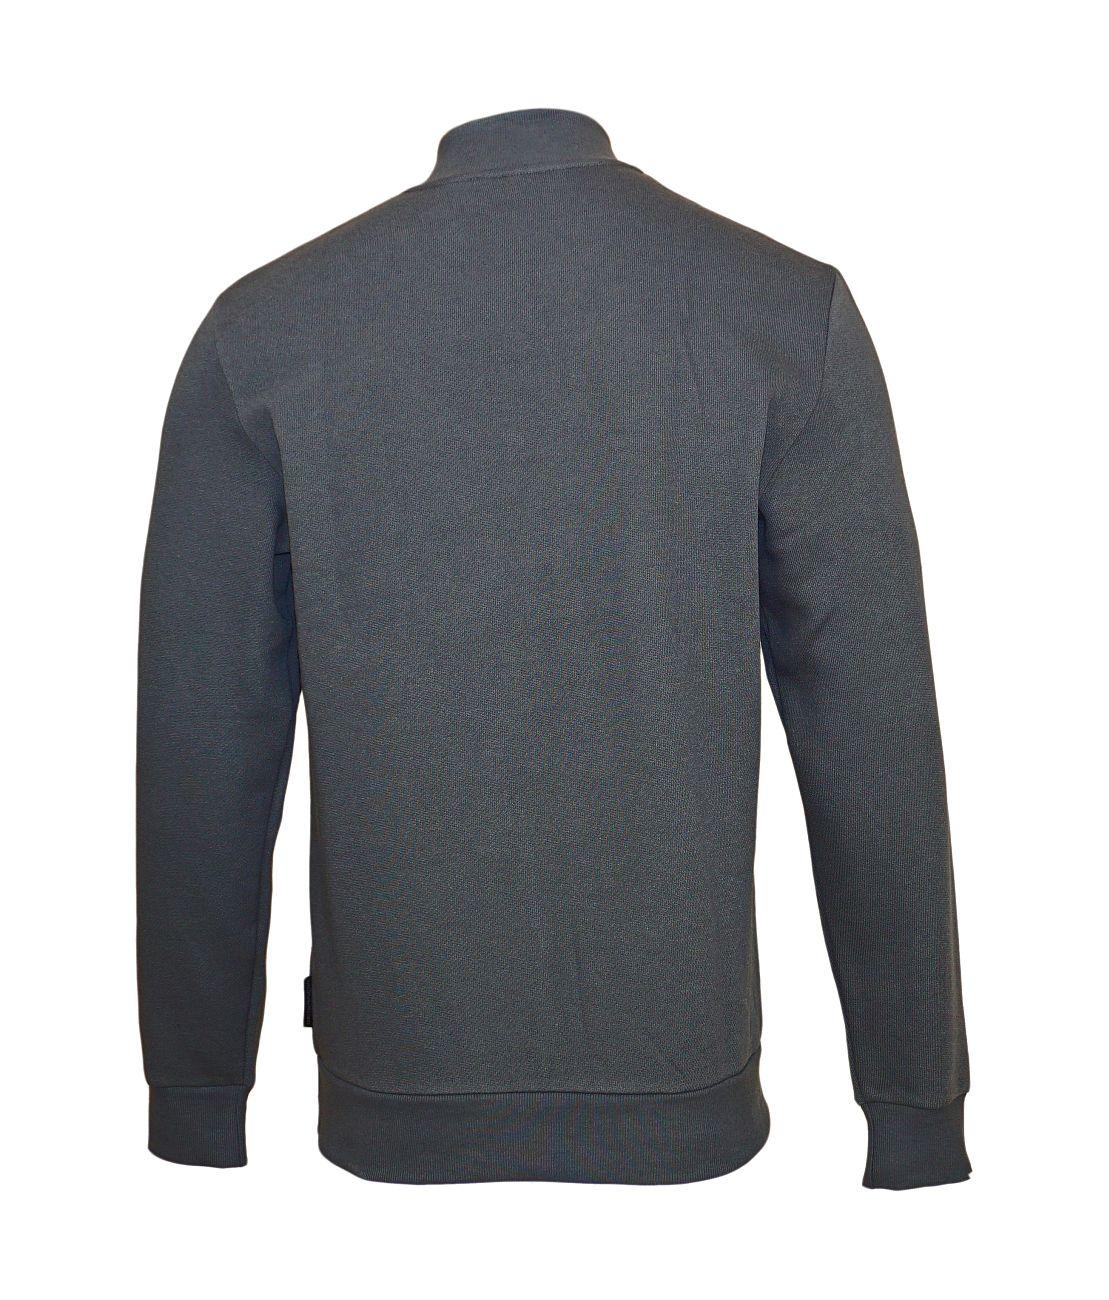 Emporio Armani Pullover Sweater Zip 111704 8A575 00044 ANTRACITE WX18-EAS